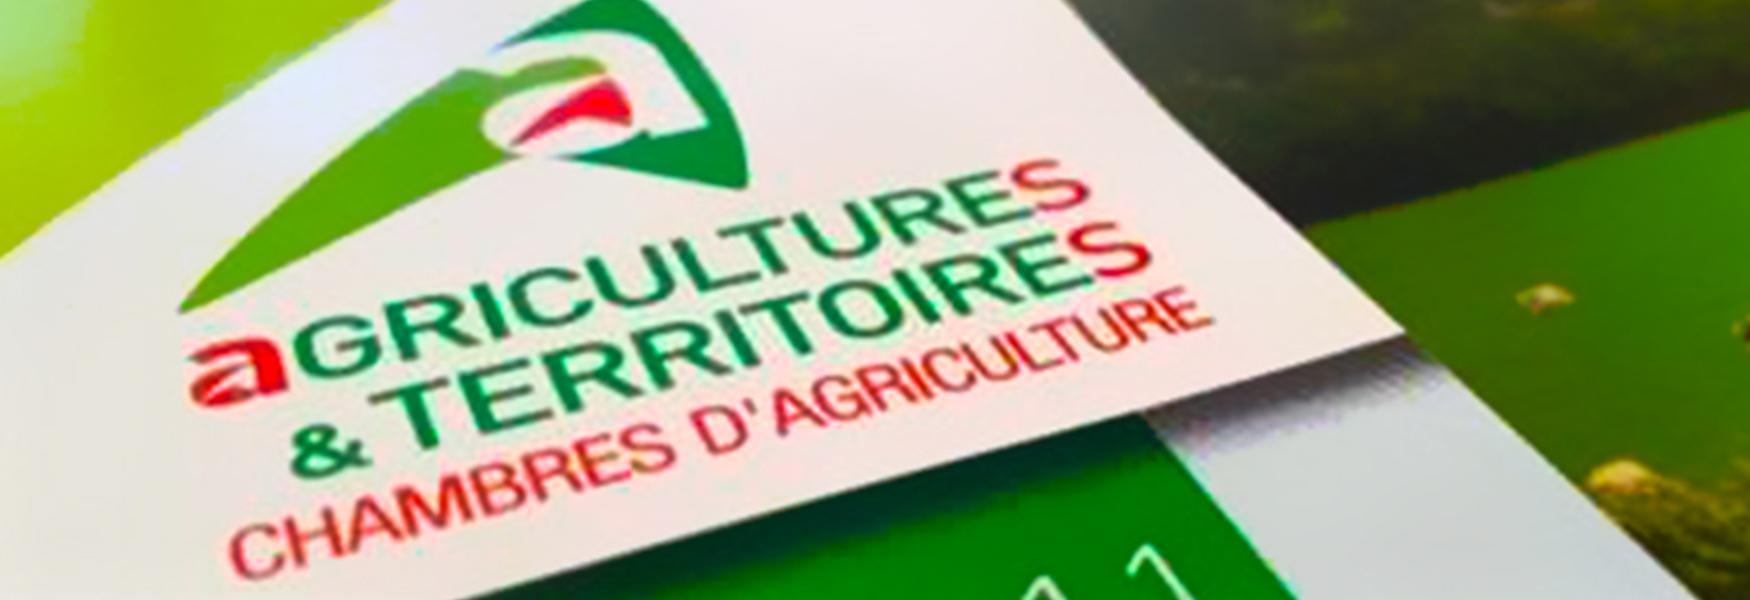 Élections des membres de la chambre d'agriculture